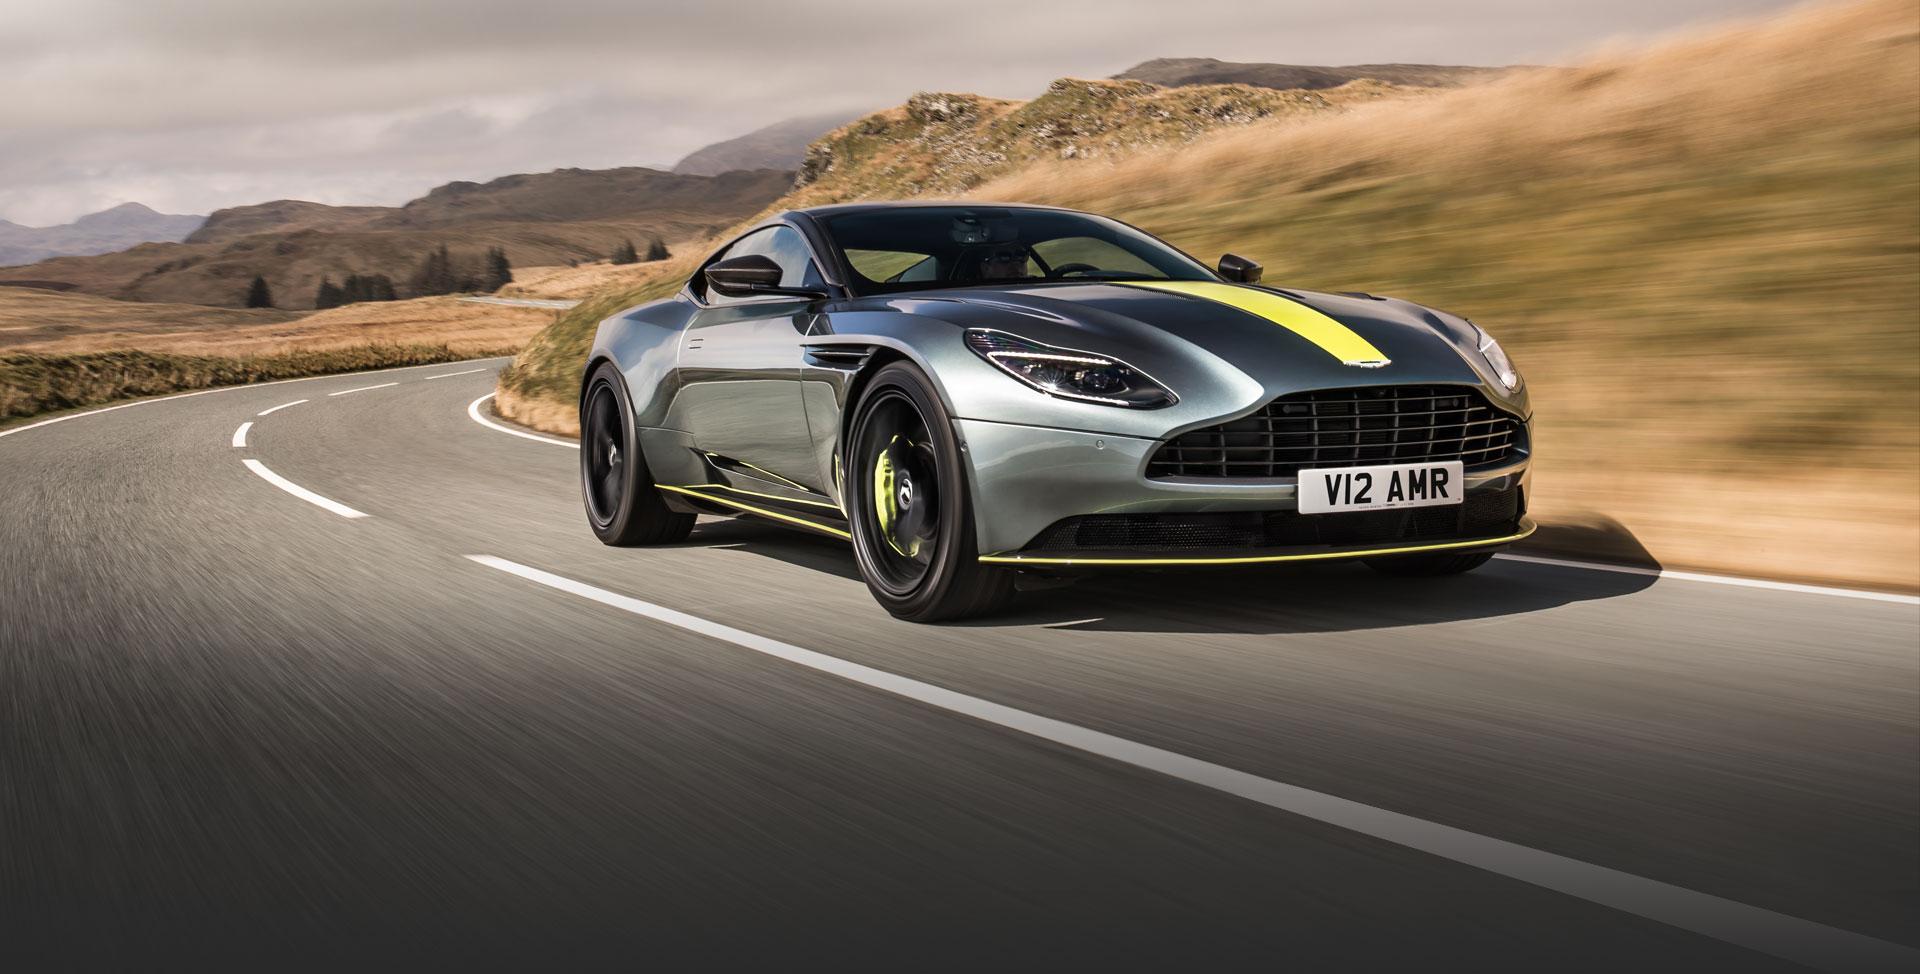 Official Aston Martin Dealership In Miami The Collection - Aston martin dealer miami